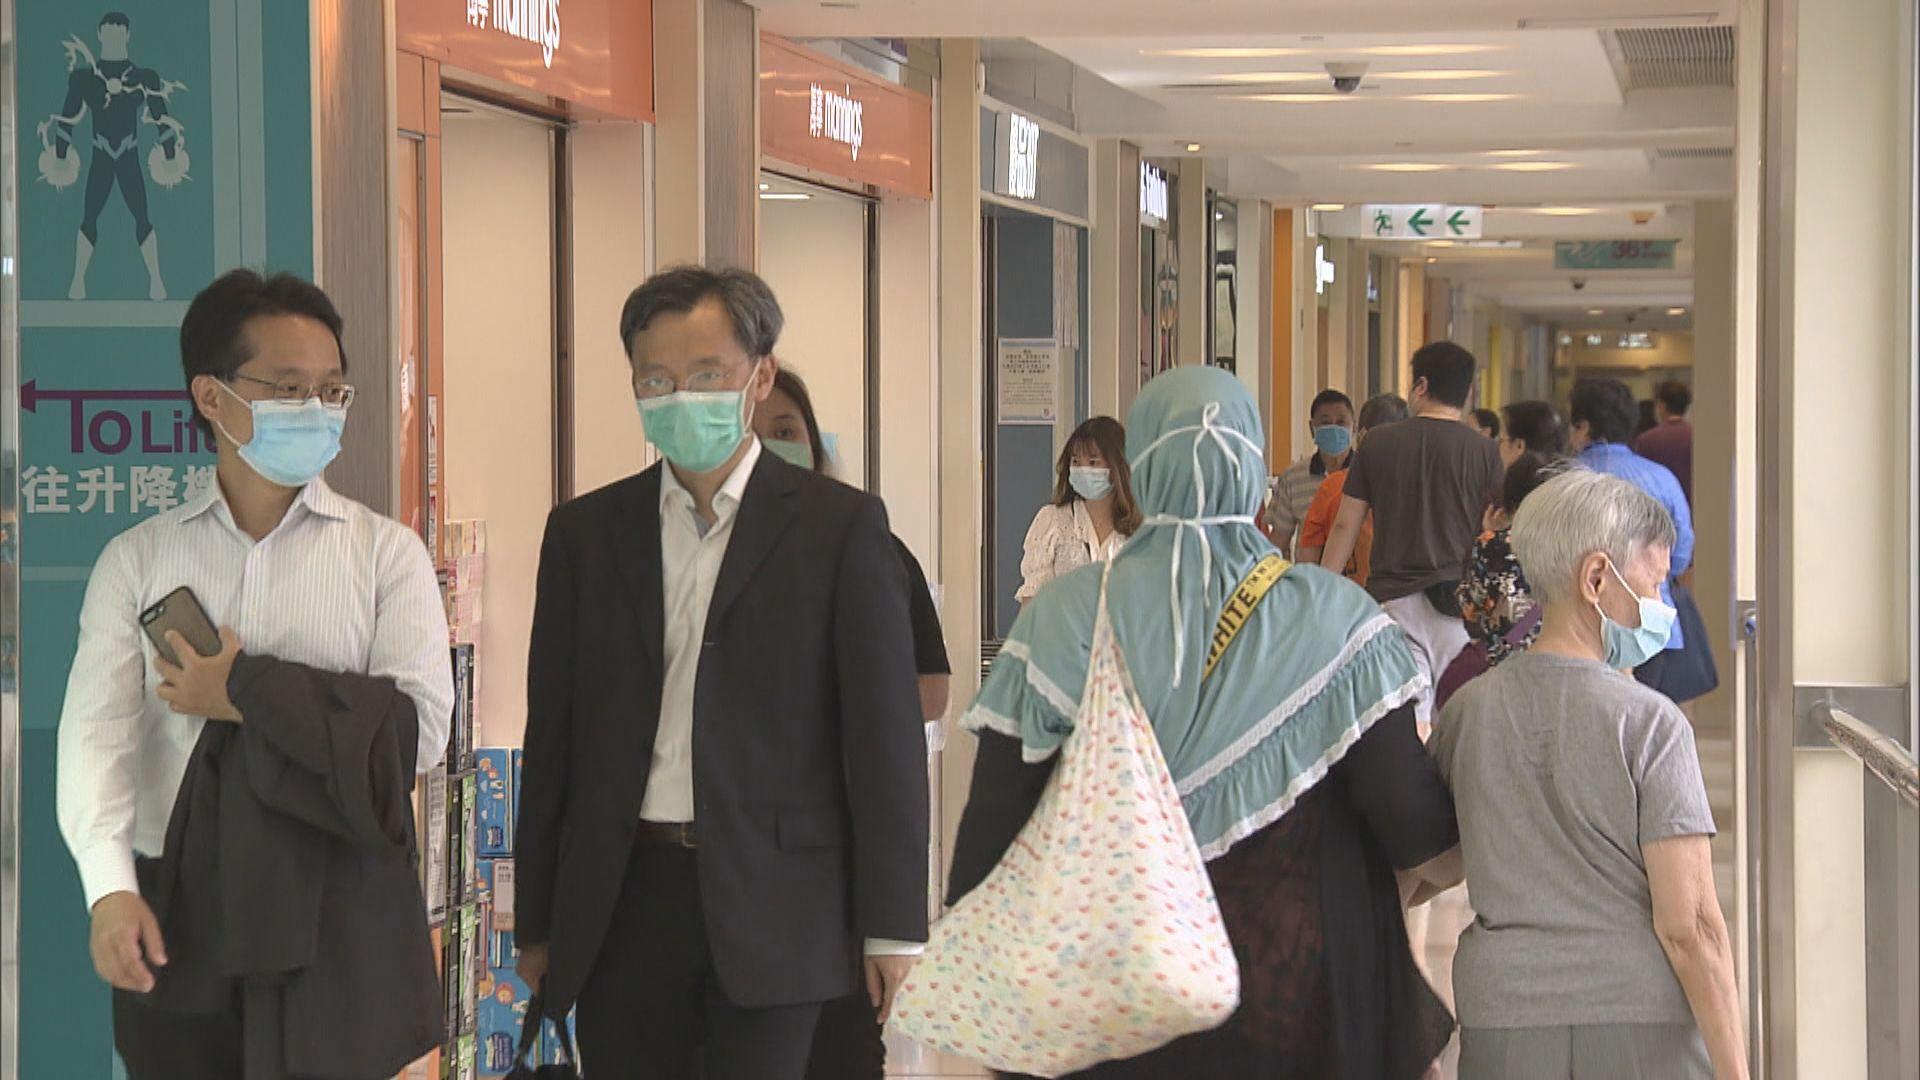 消息:行會通過室內公共場所強制戴口罩